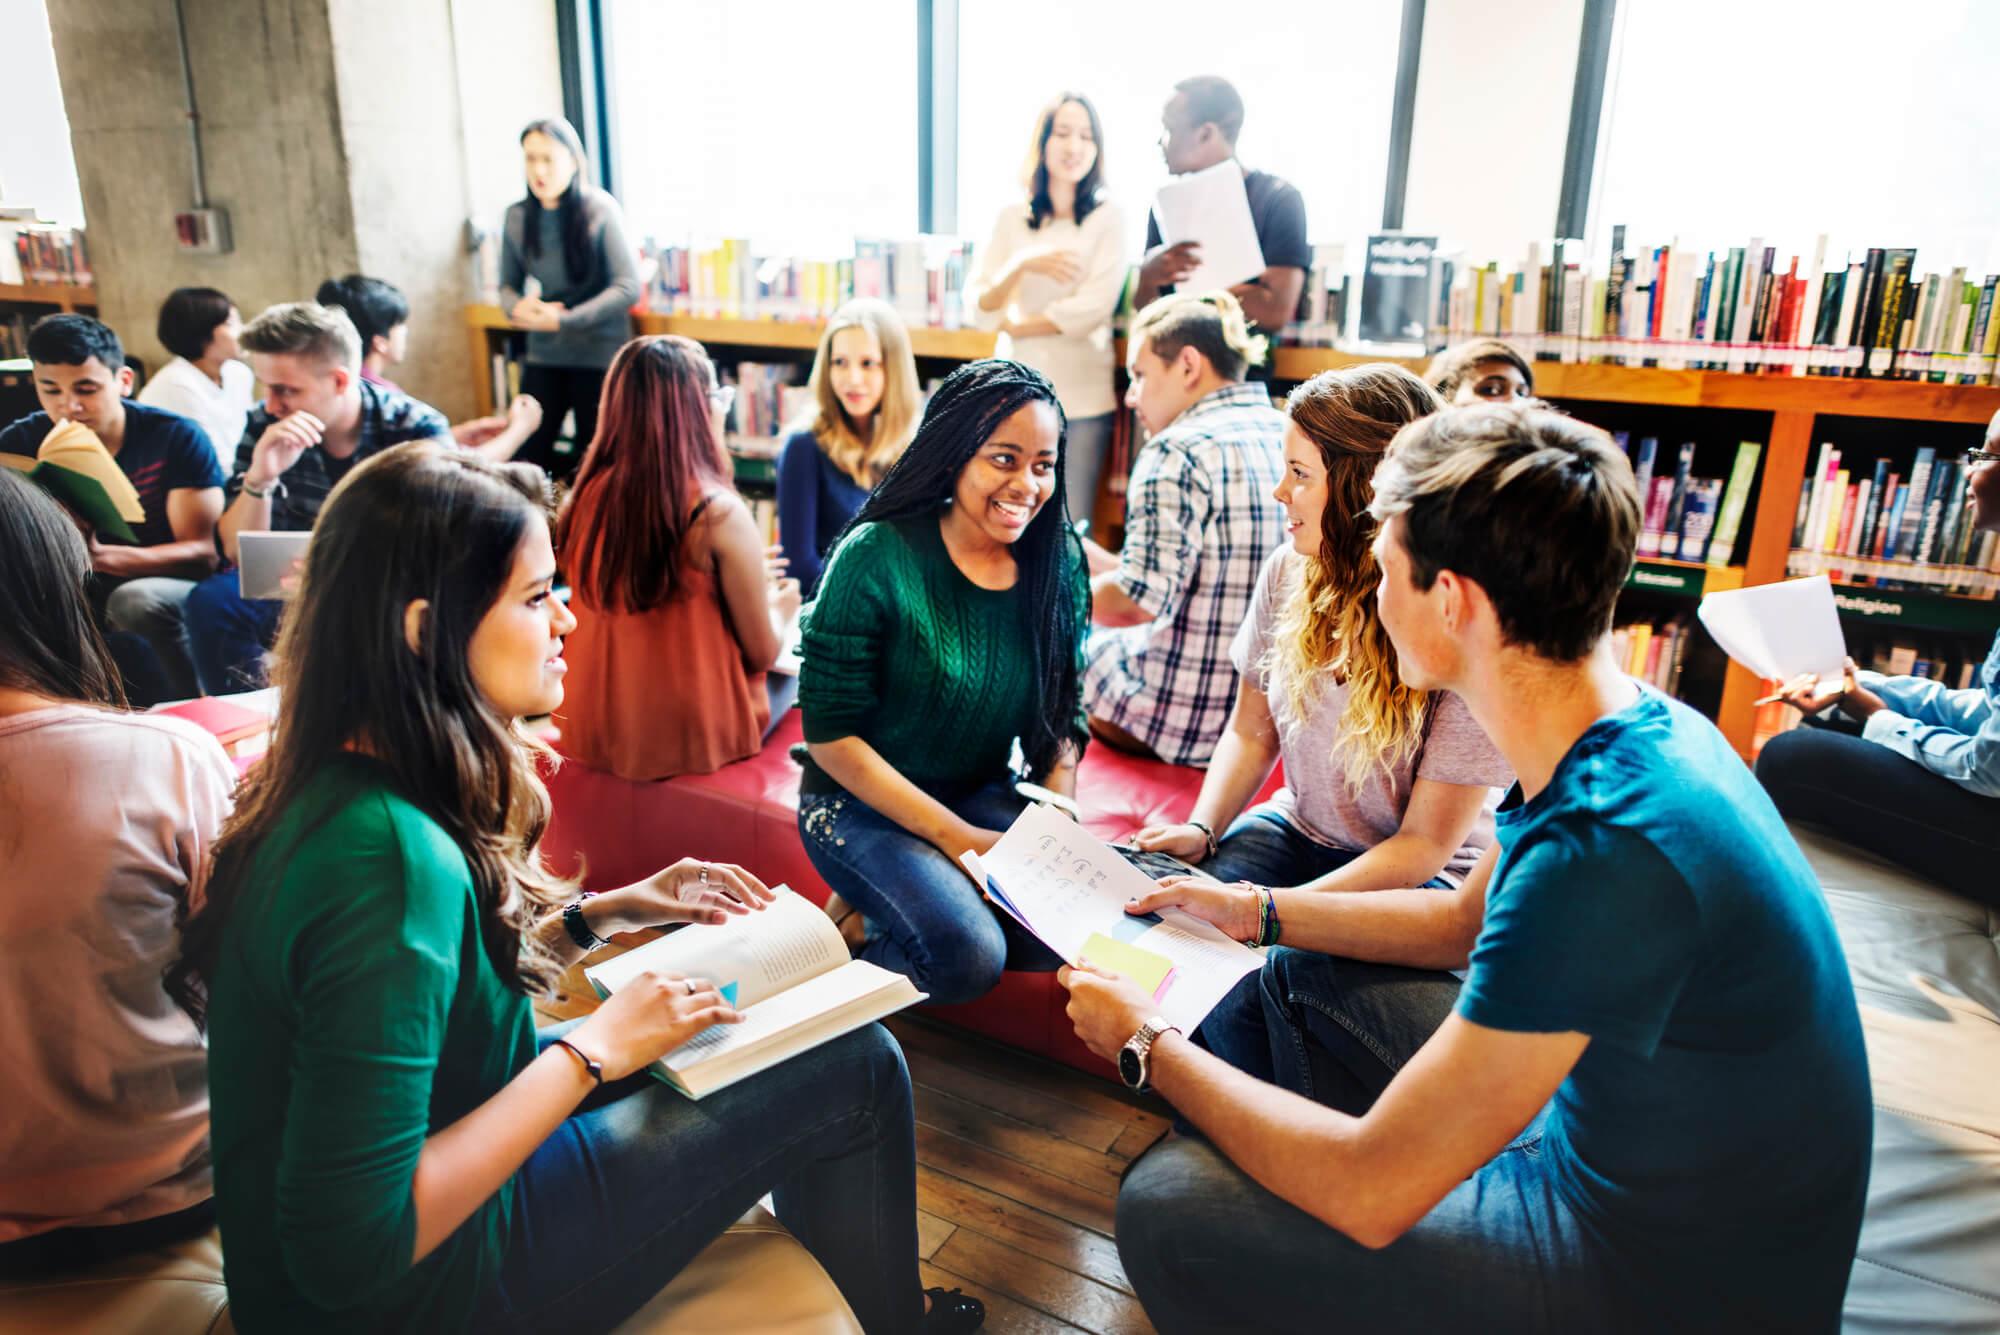 trabalho-em-dupla-como-nao-perder-a-cabeca-em-atividades-em-grupo